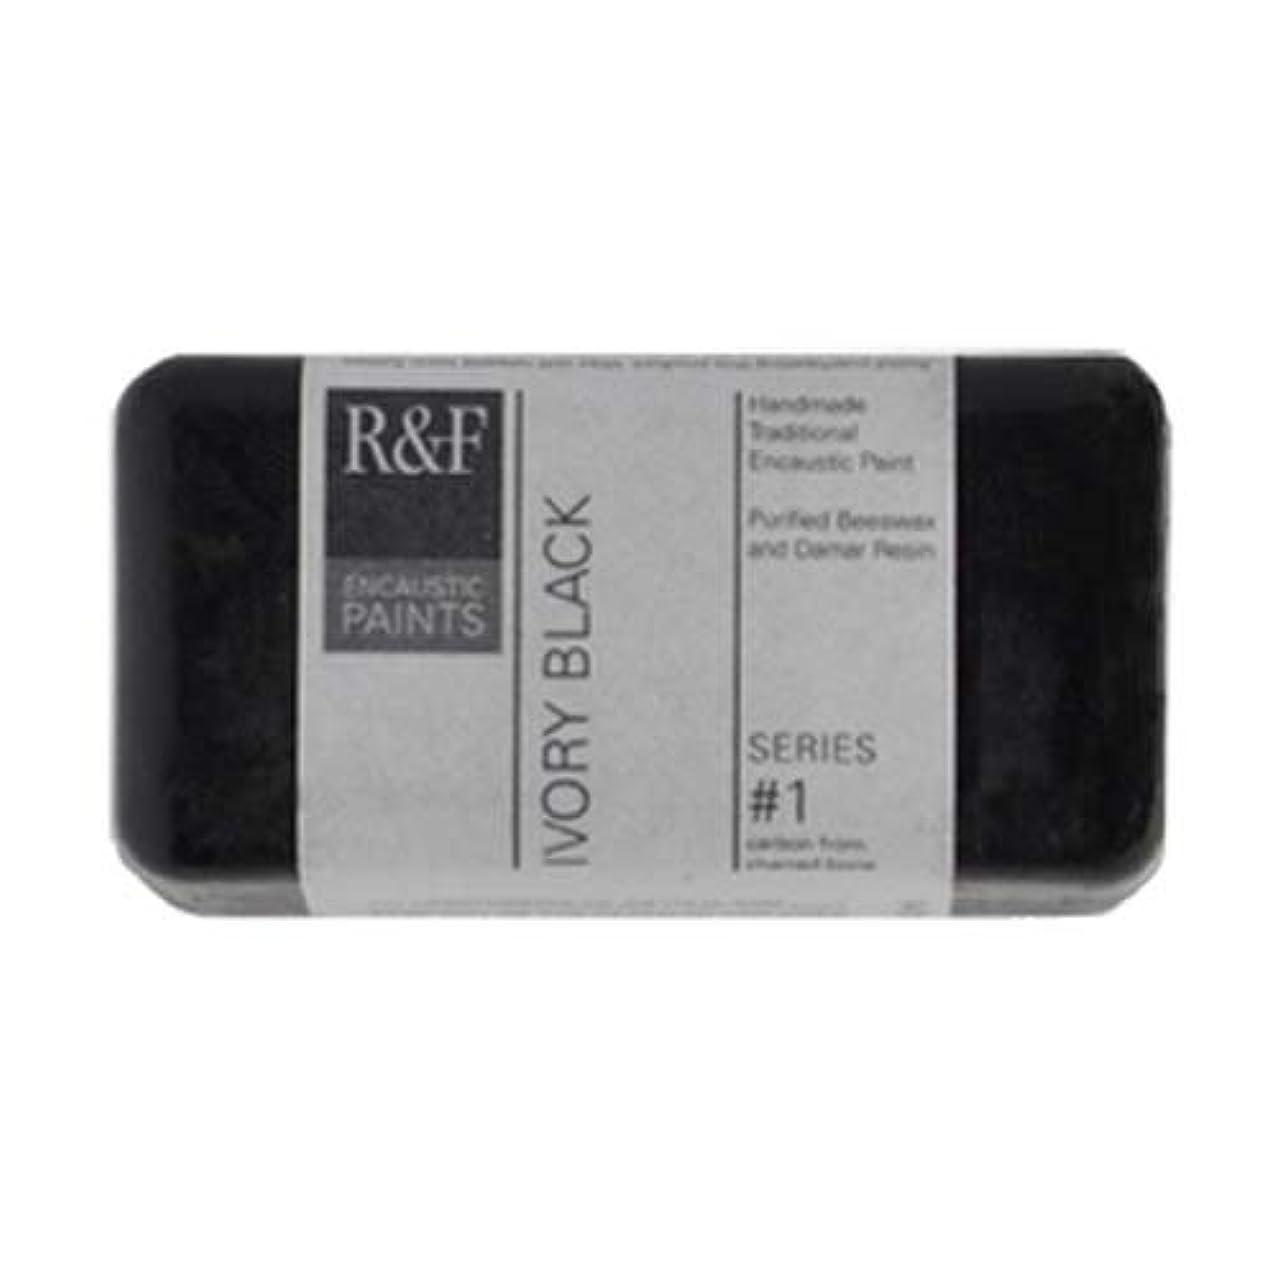 R&F Encaustic 40ml Paint, Ivory Black